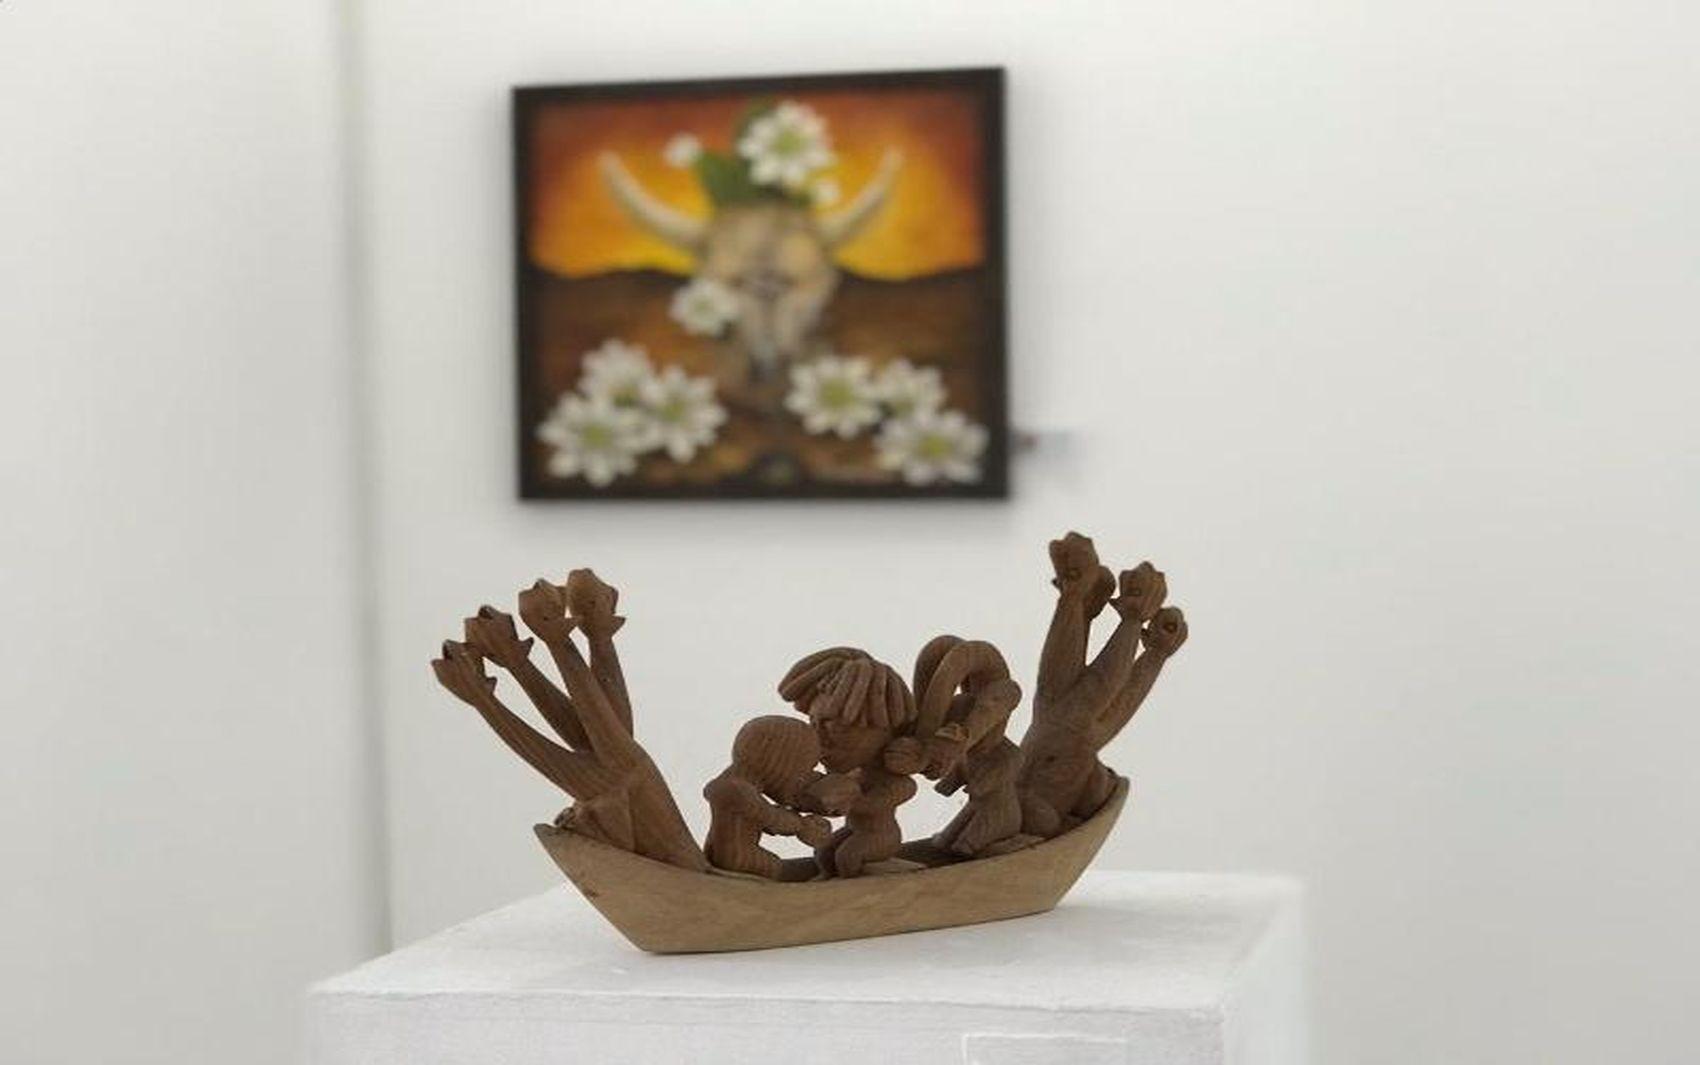 Galeria de Artes Álvaro Santos recebe exposição '5 artistas, 5 estilos'